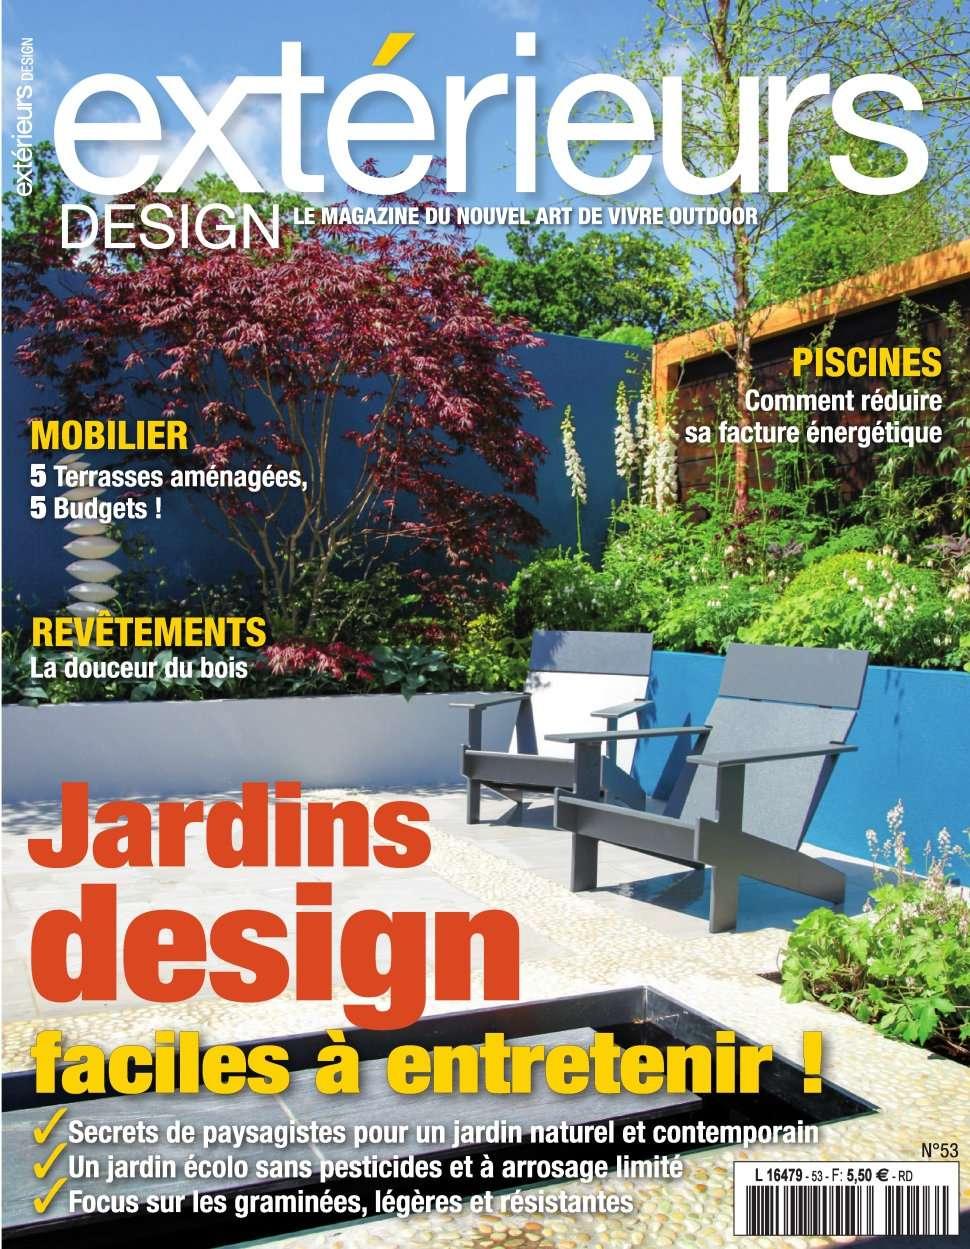 Exterieurs Design 53 - Septembre 2016